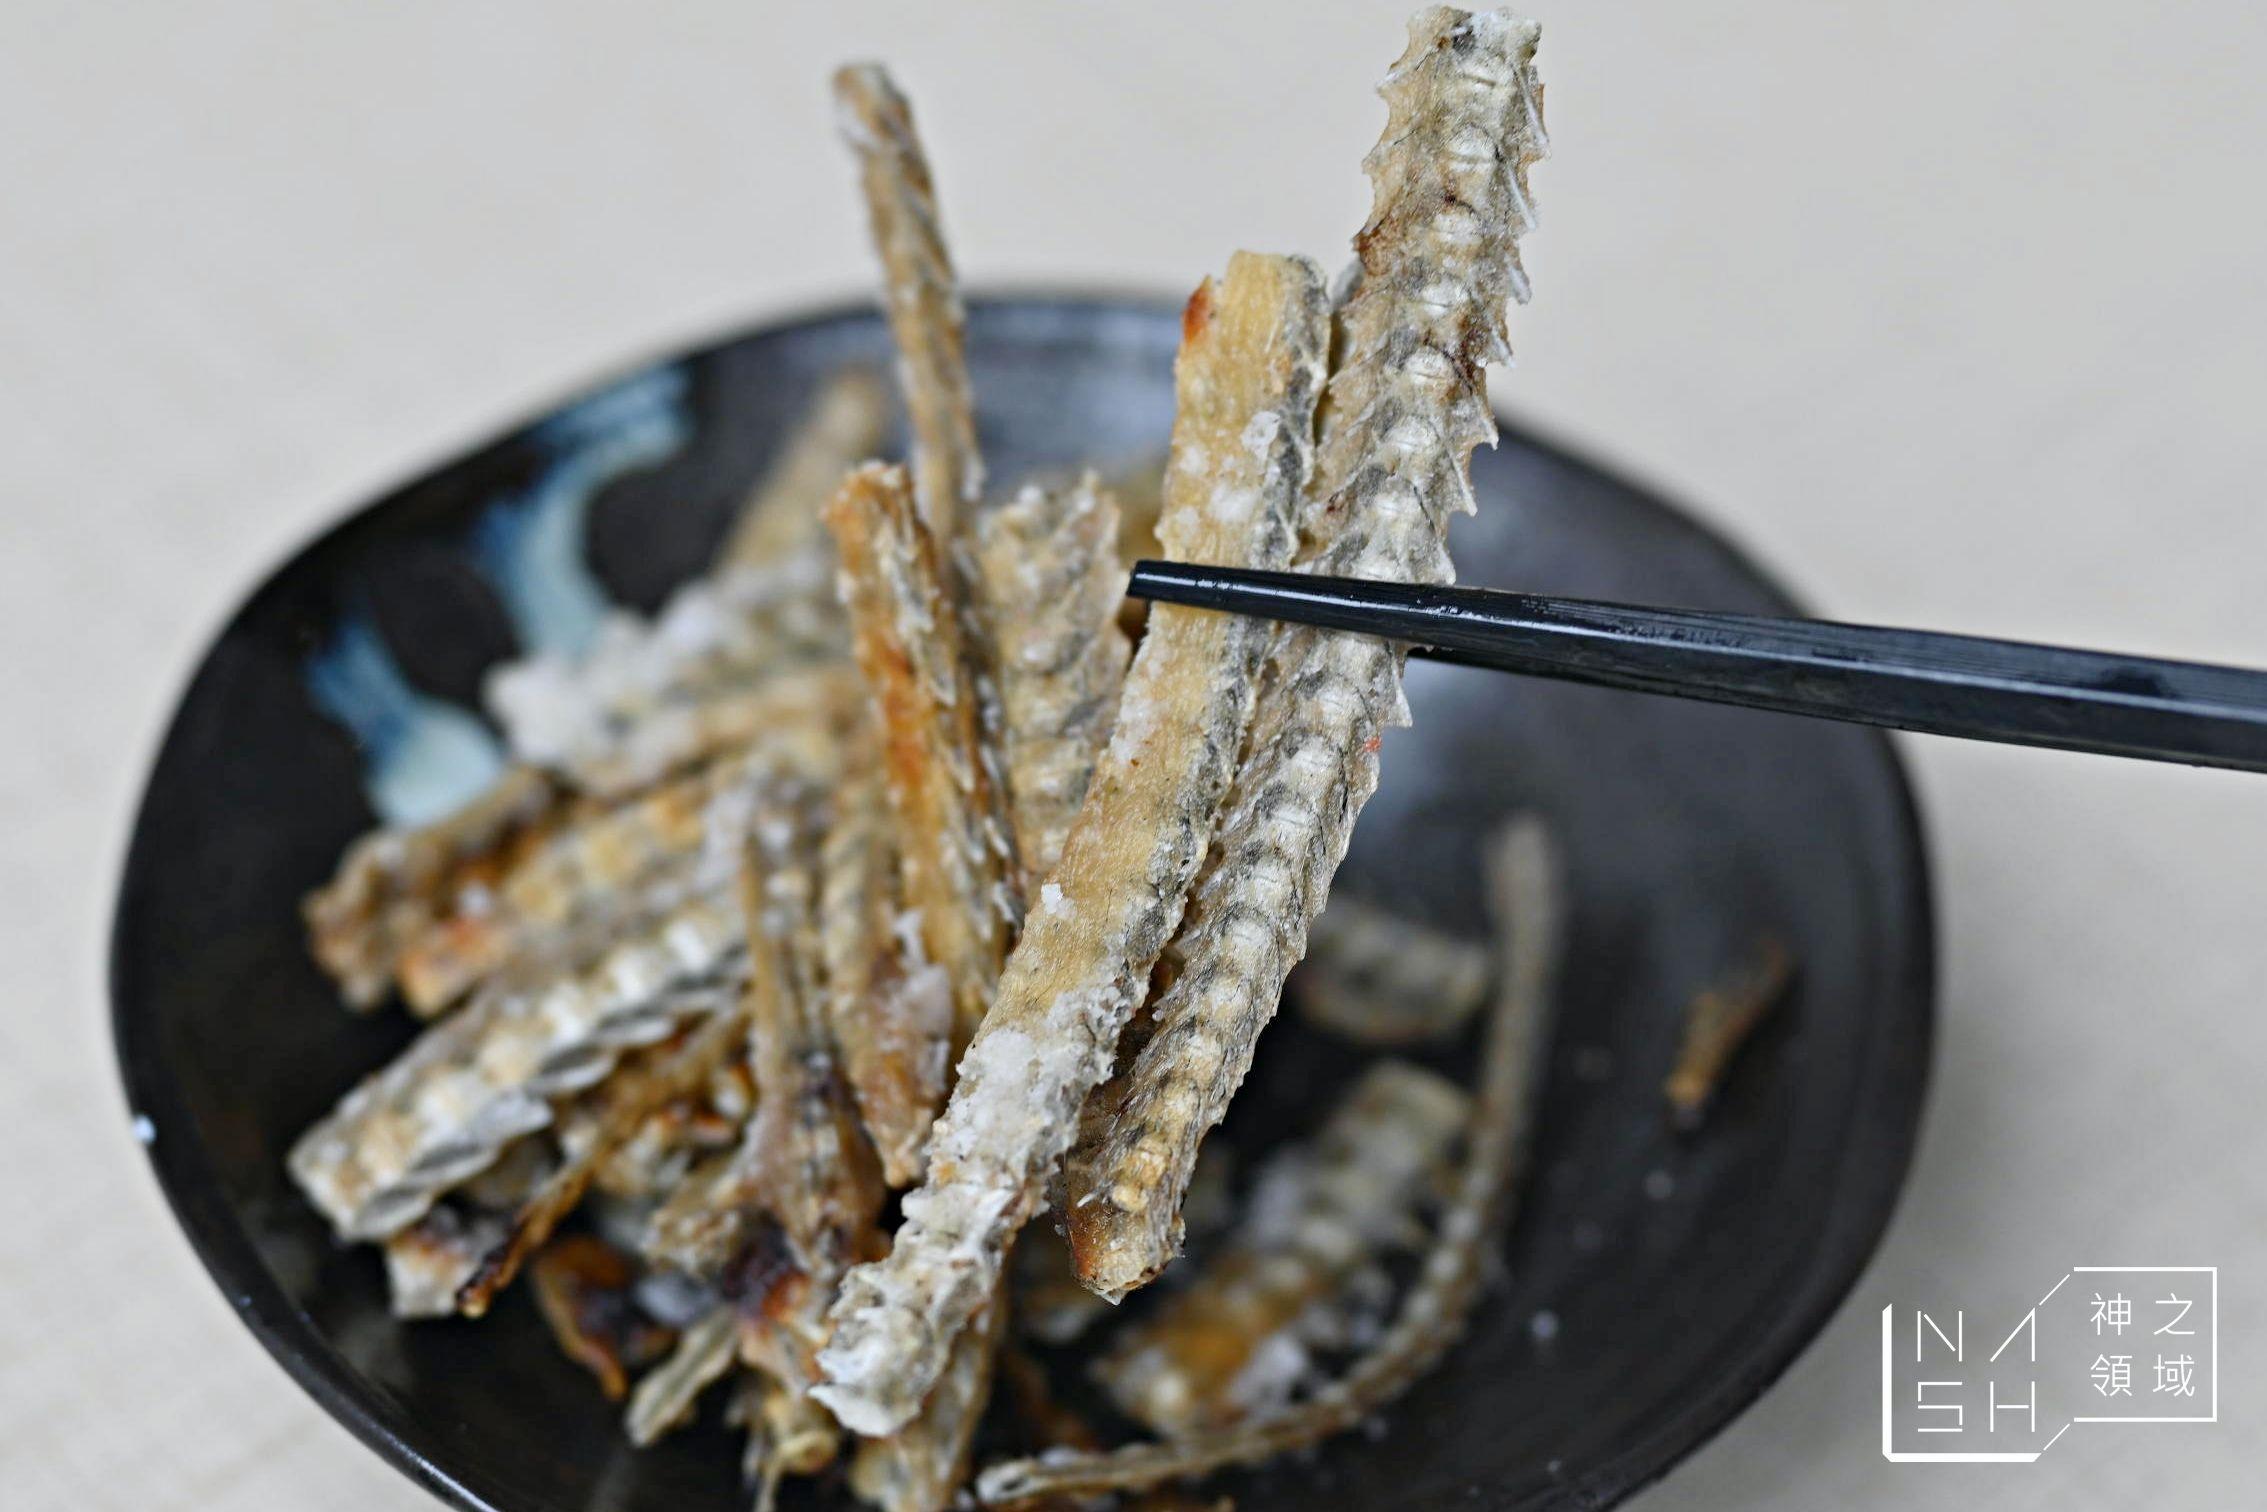 國父紀念館美食,三河中川屋,三河中川屋光復南店,台北鰻魚飯